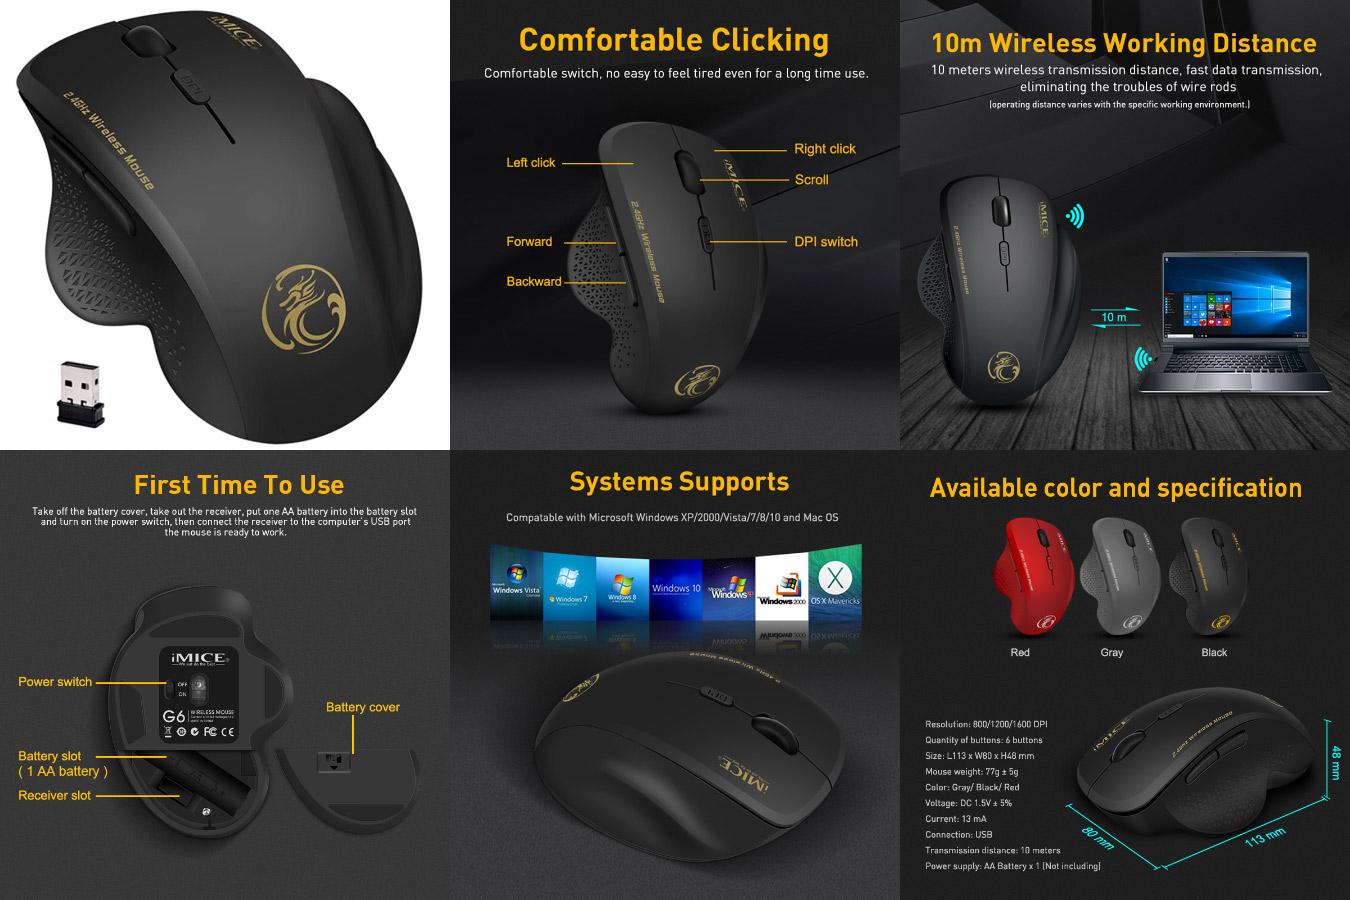 Беспроводная компьютерная мышь iMice Wireless Mouse с алиэкспресс